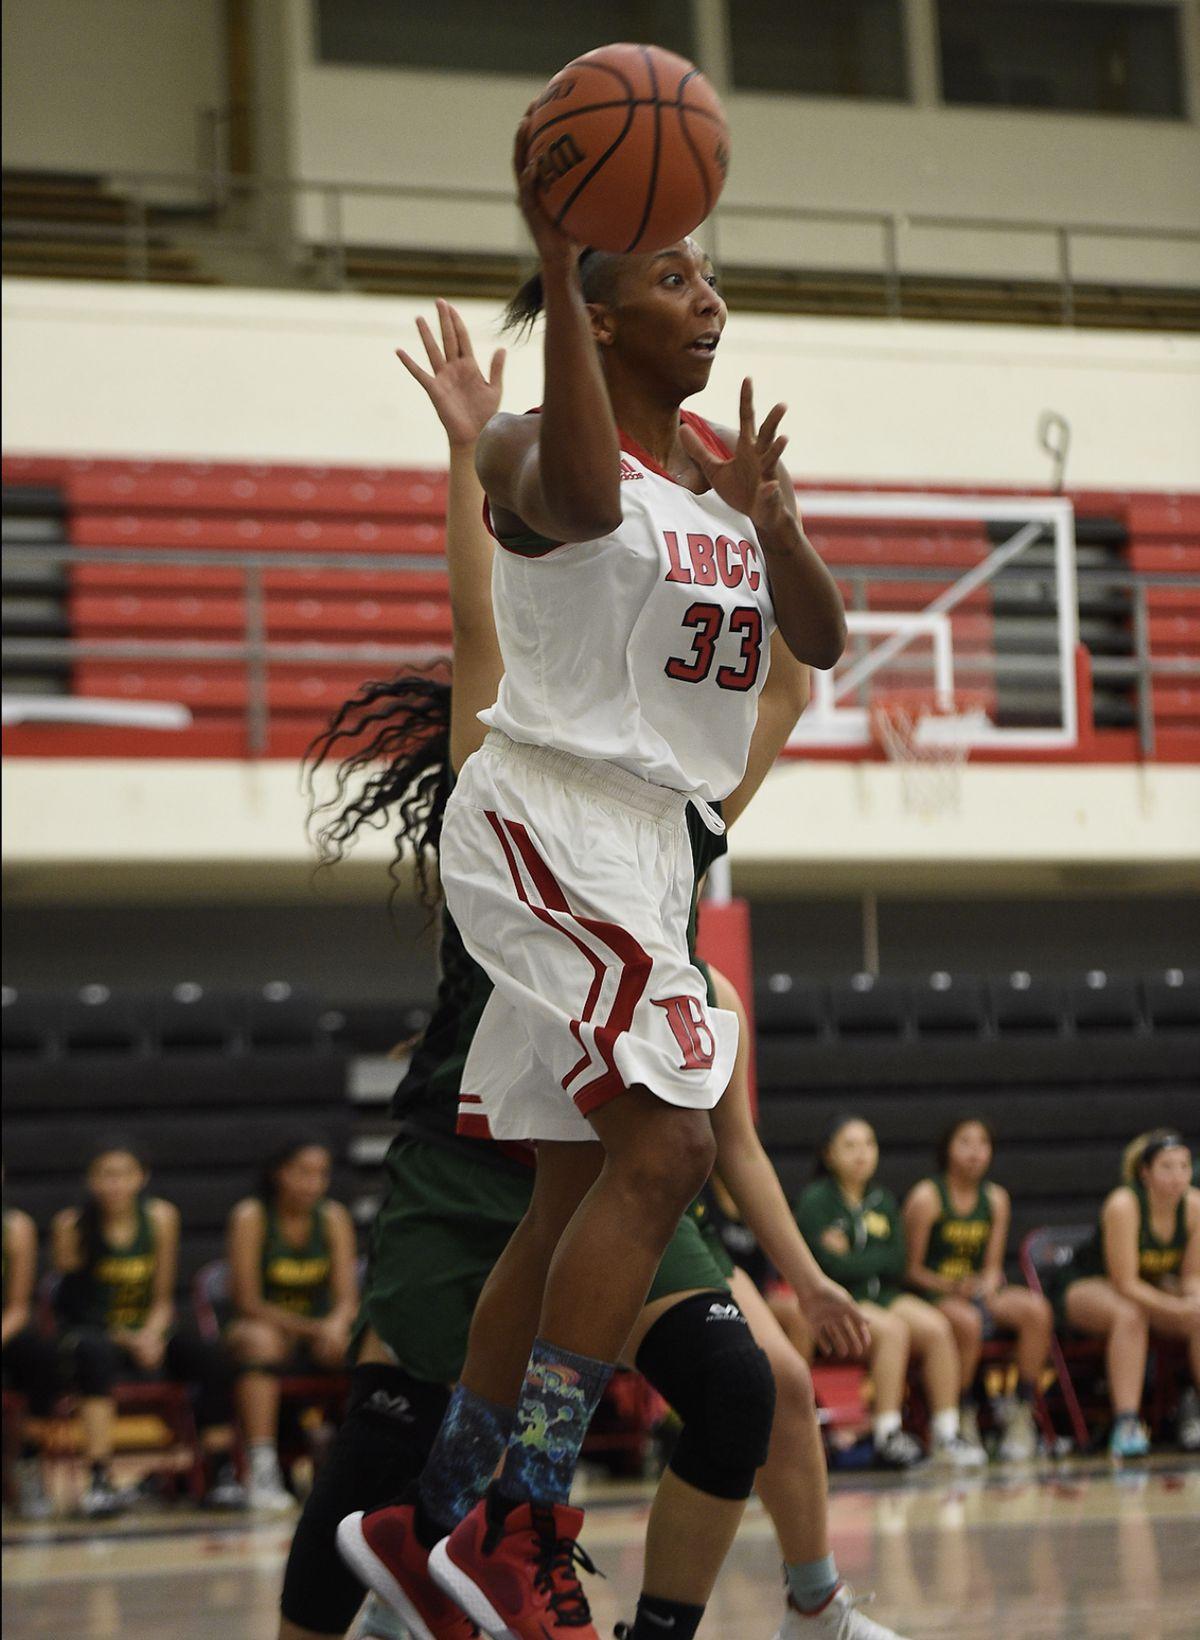 Navi Huskey on the basketball court.